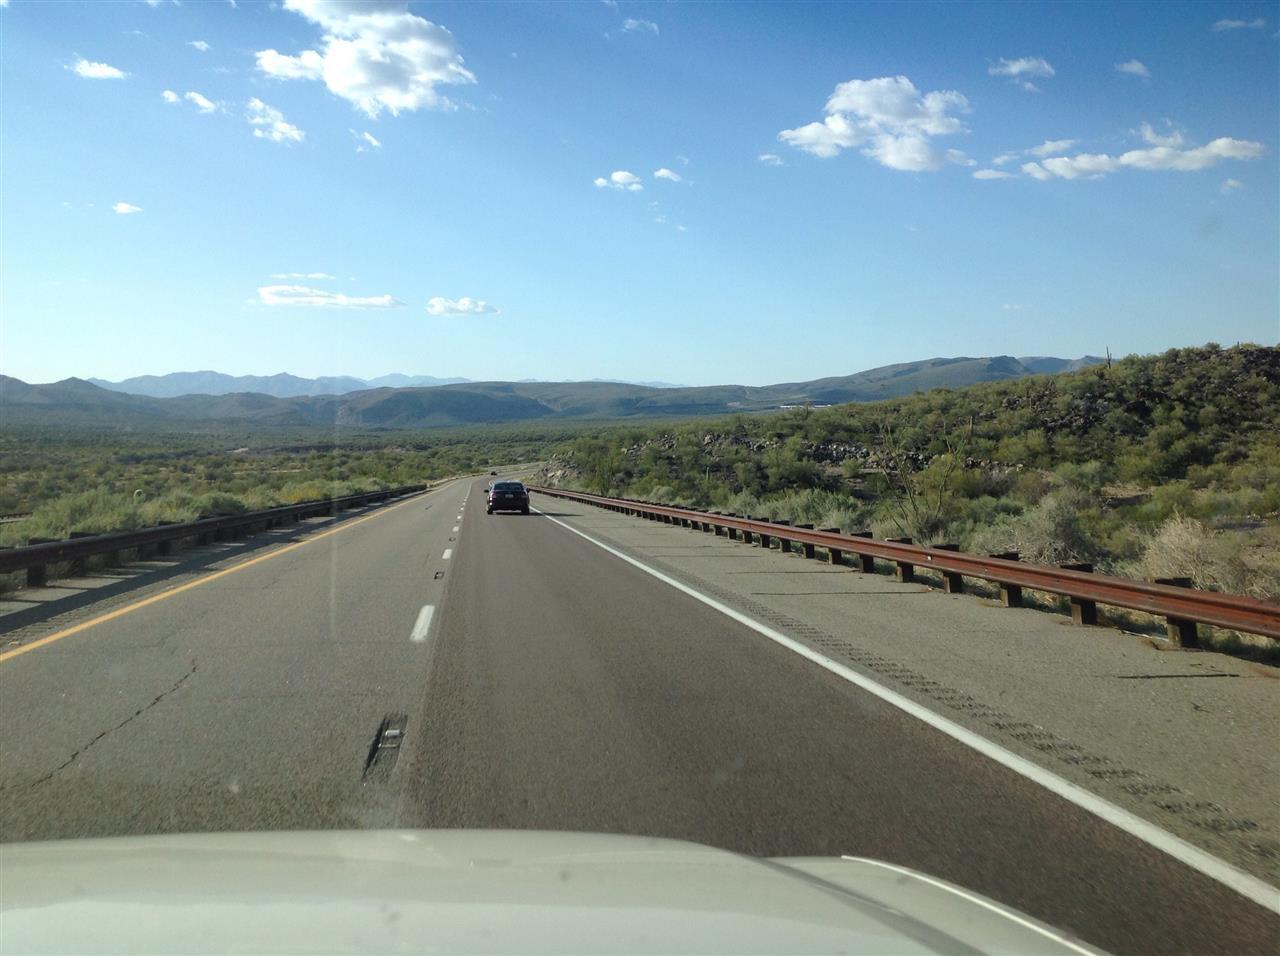 On the Arizona road